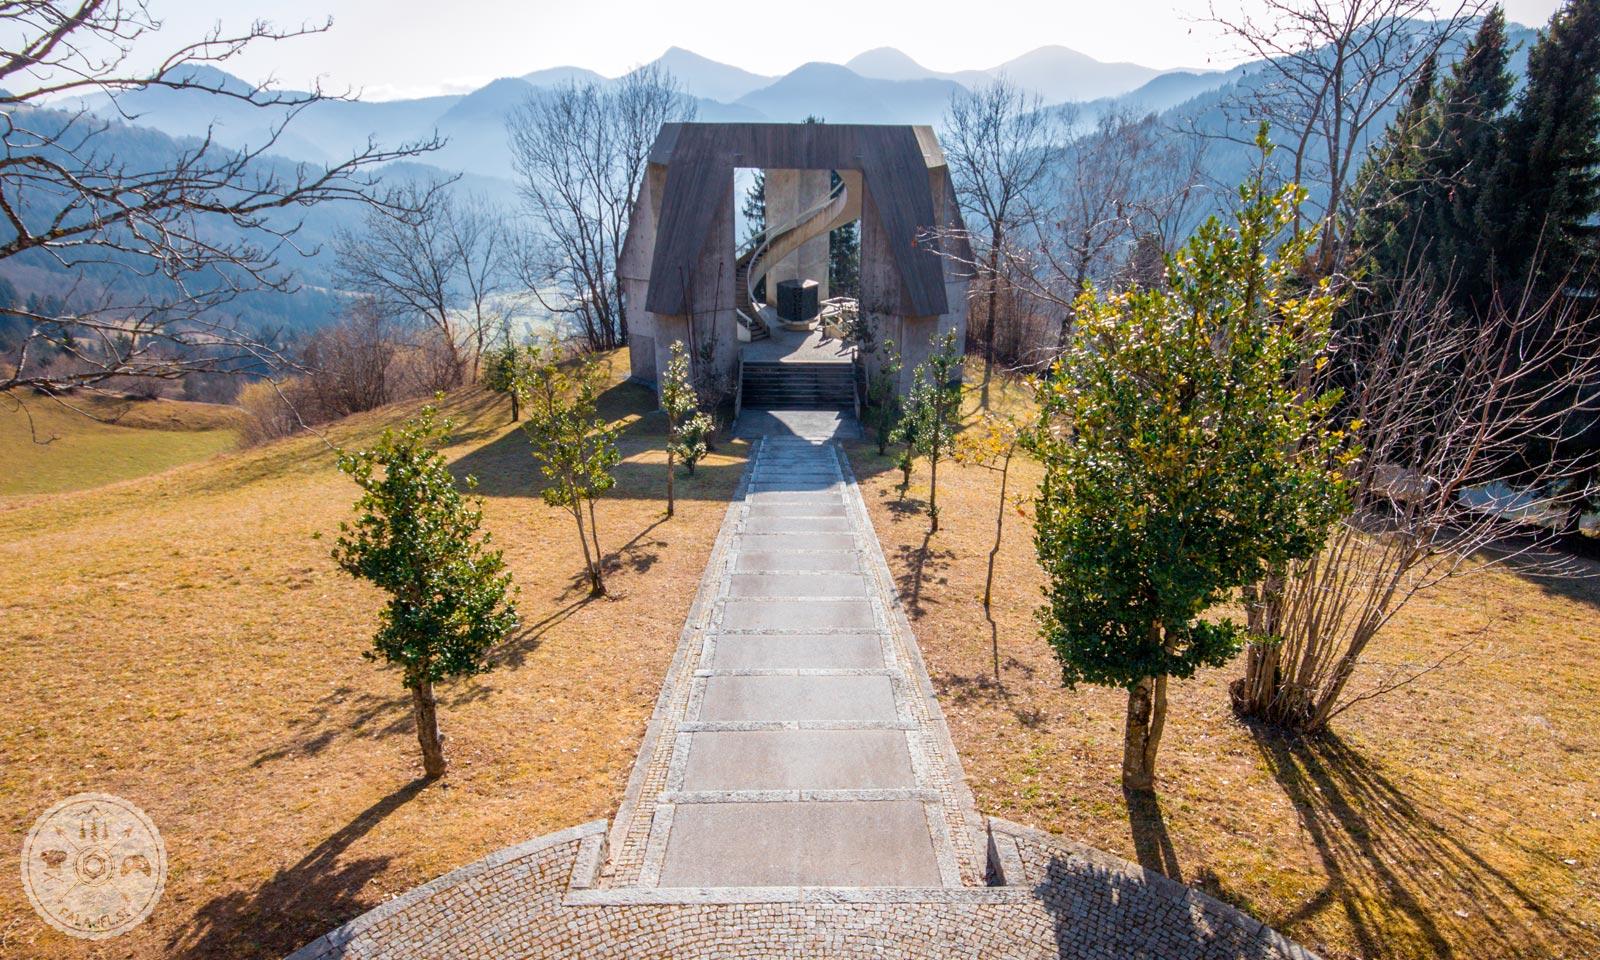 spomenik-drazgoski-bitki-foto01